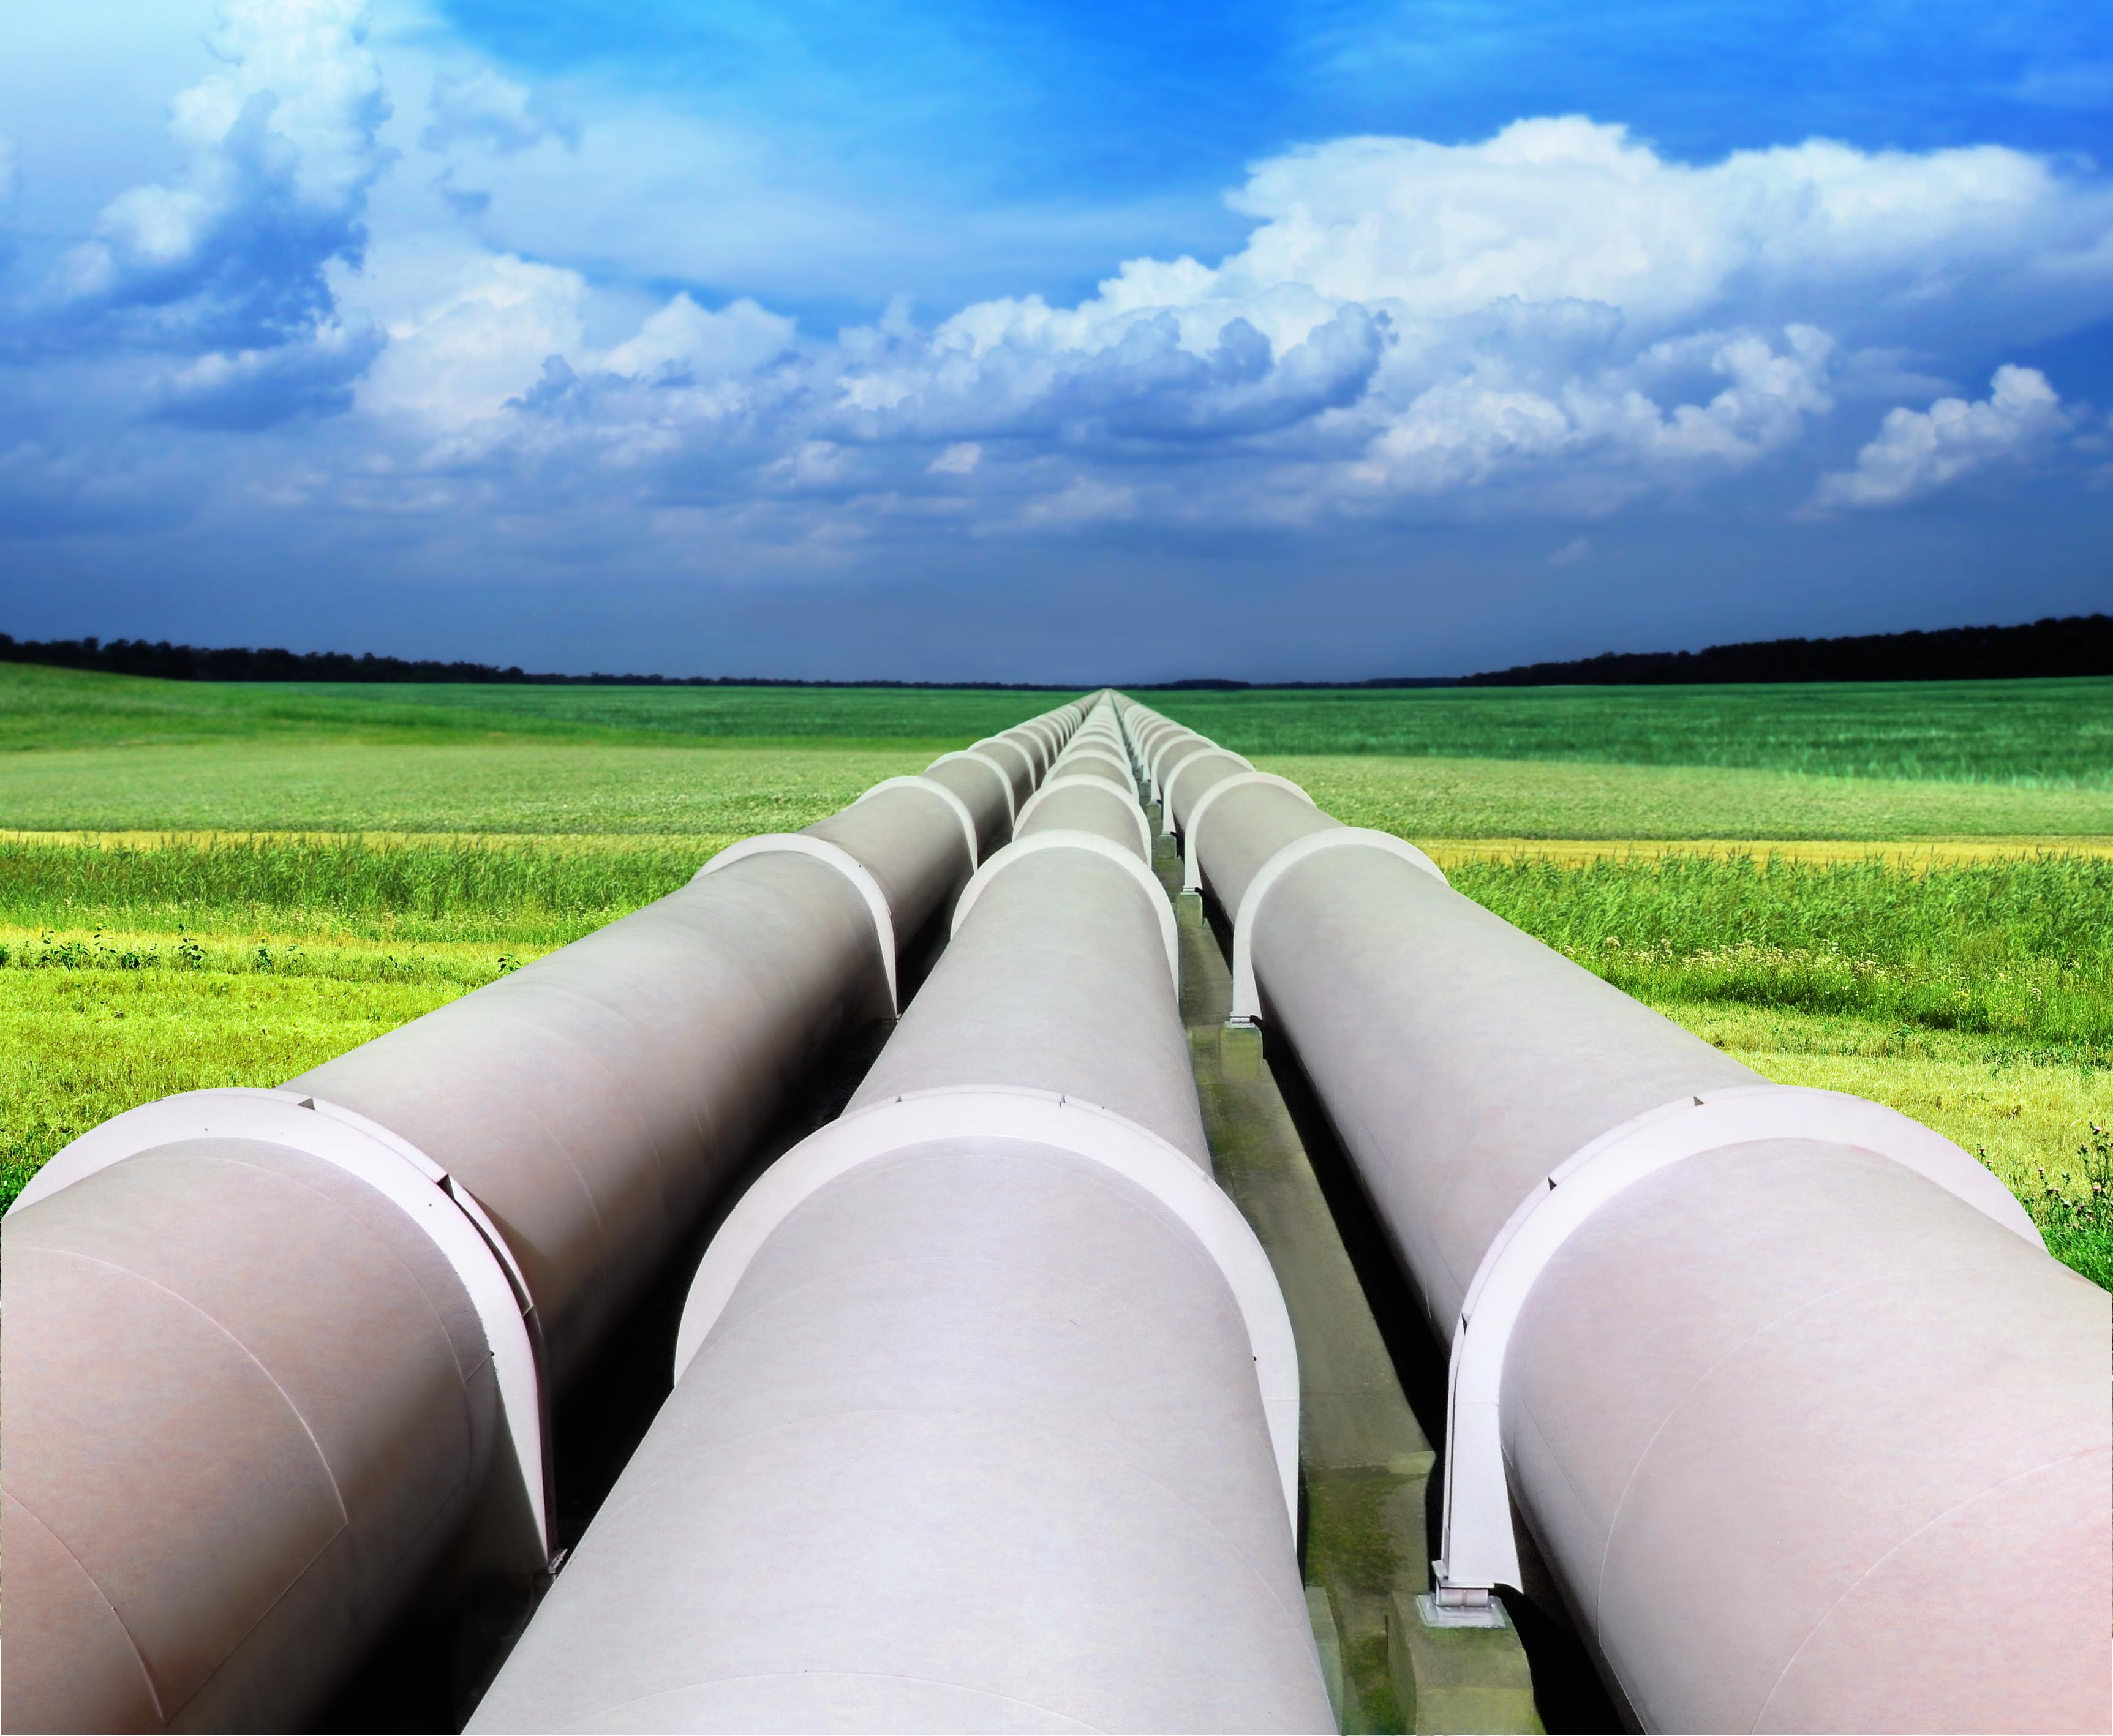 Three pipelines on a green field heading toward the horizon.